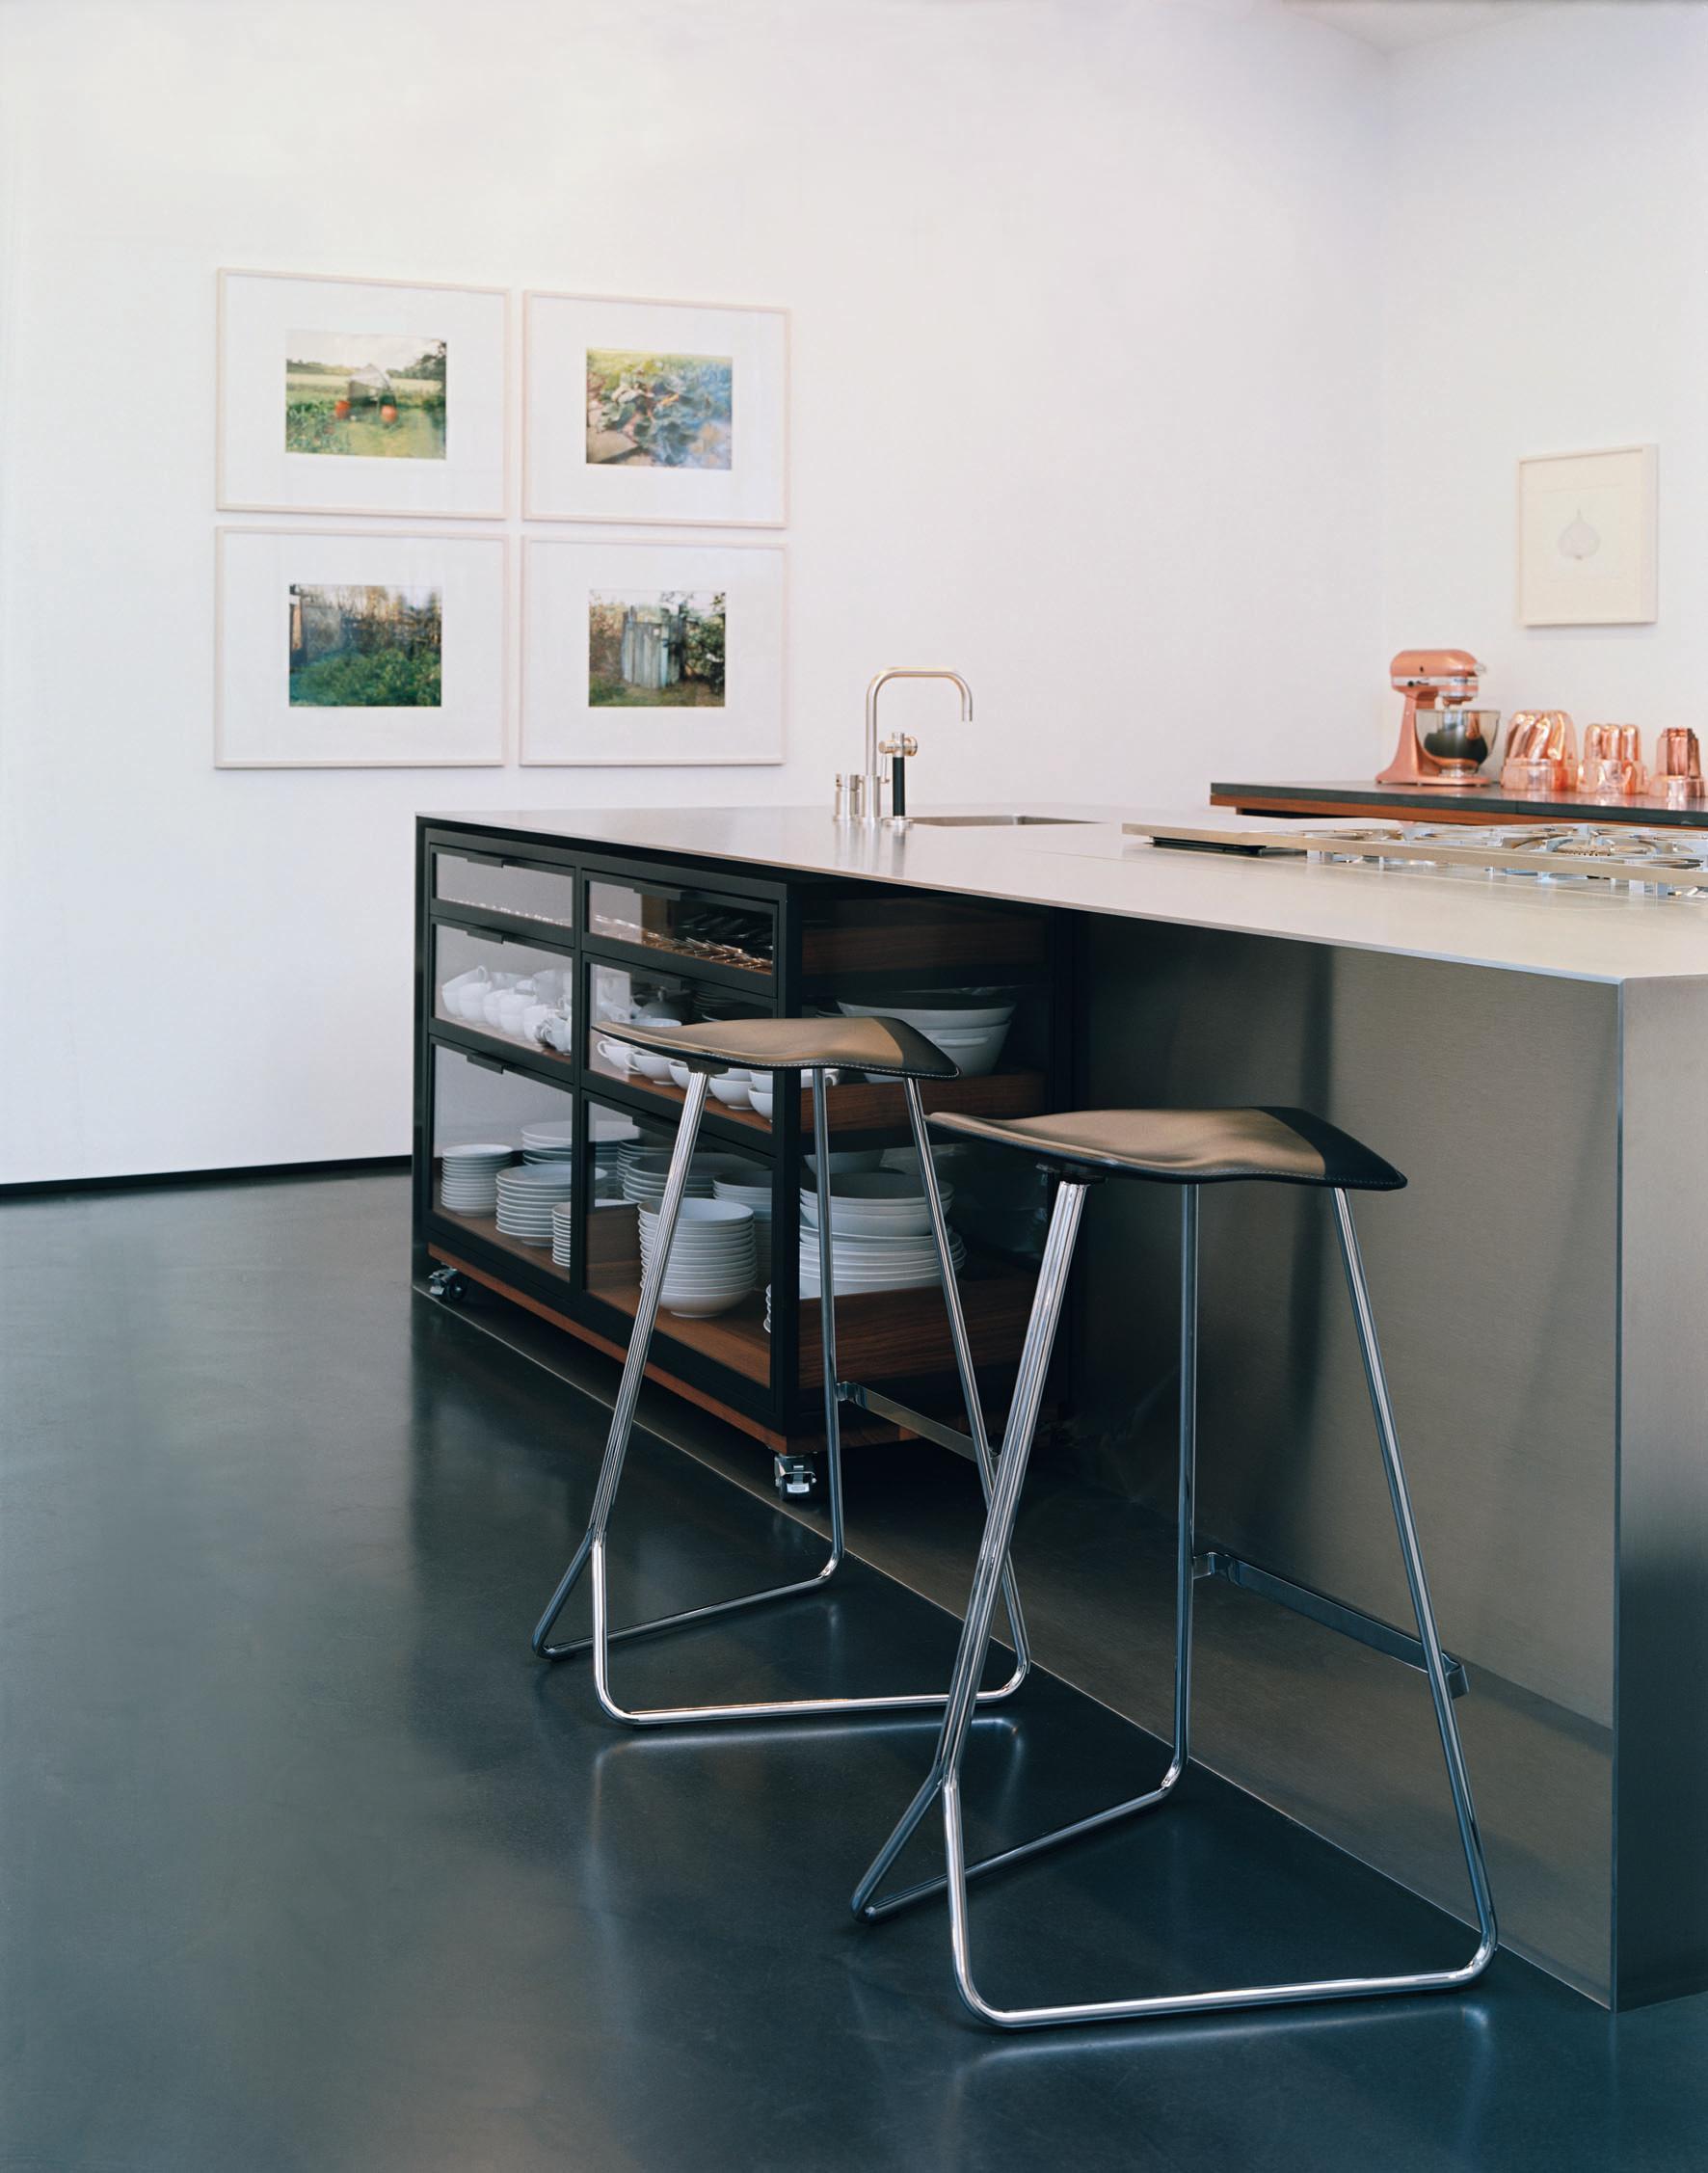 Hölzerne Küchentheke • Bilder & Ideen • Couchstyle